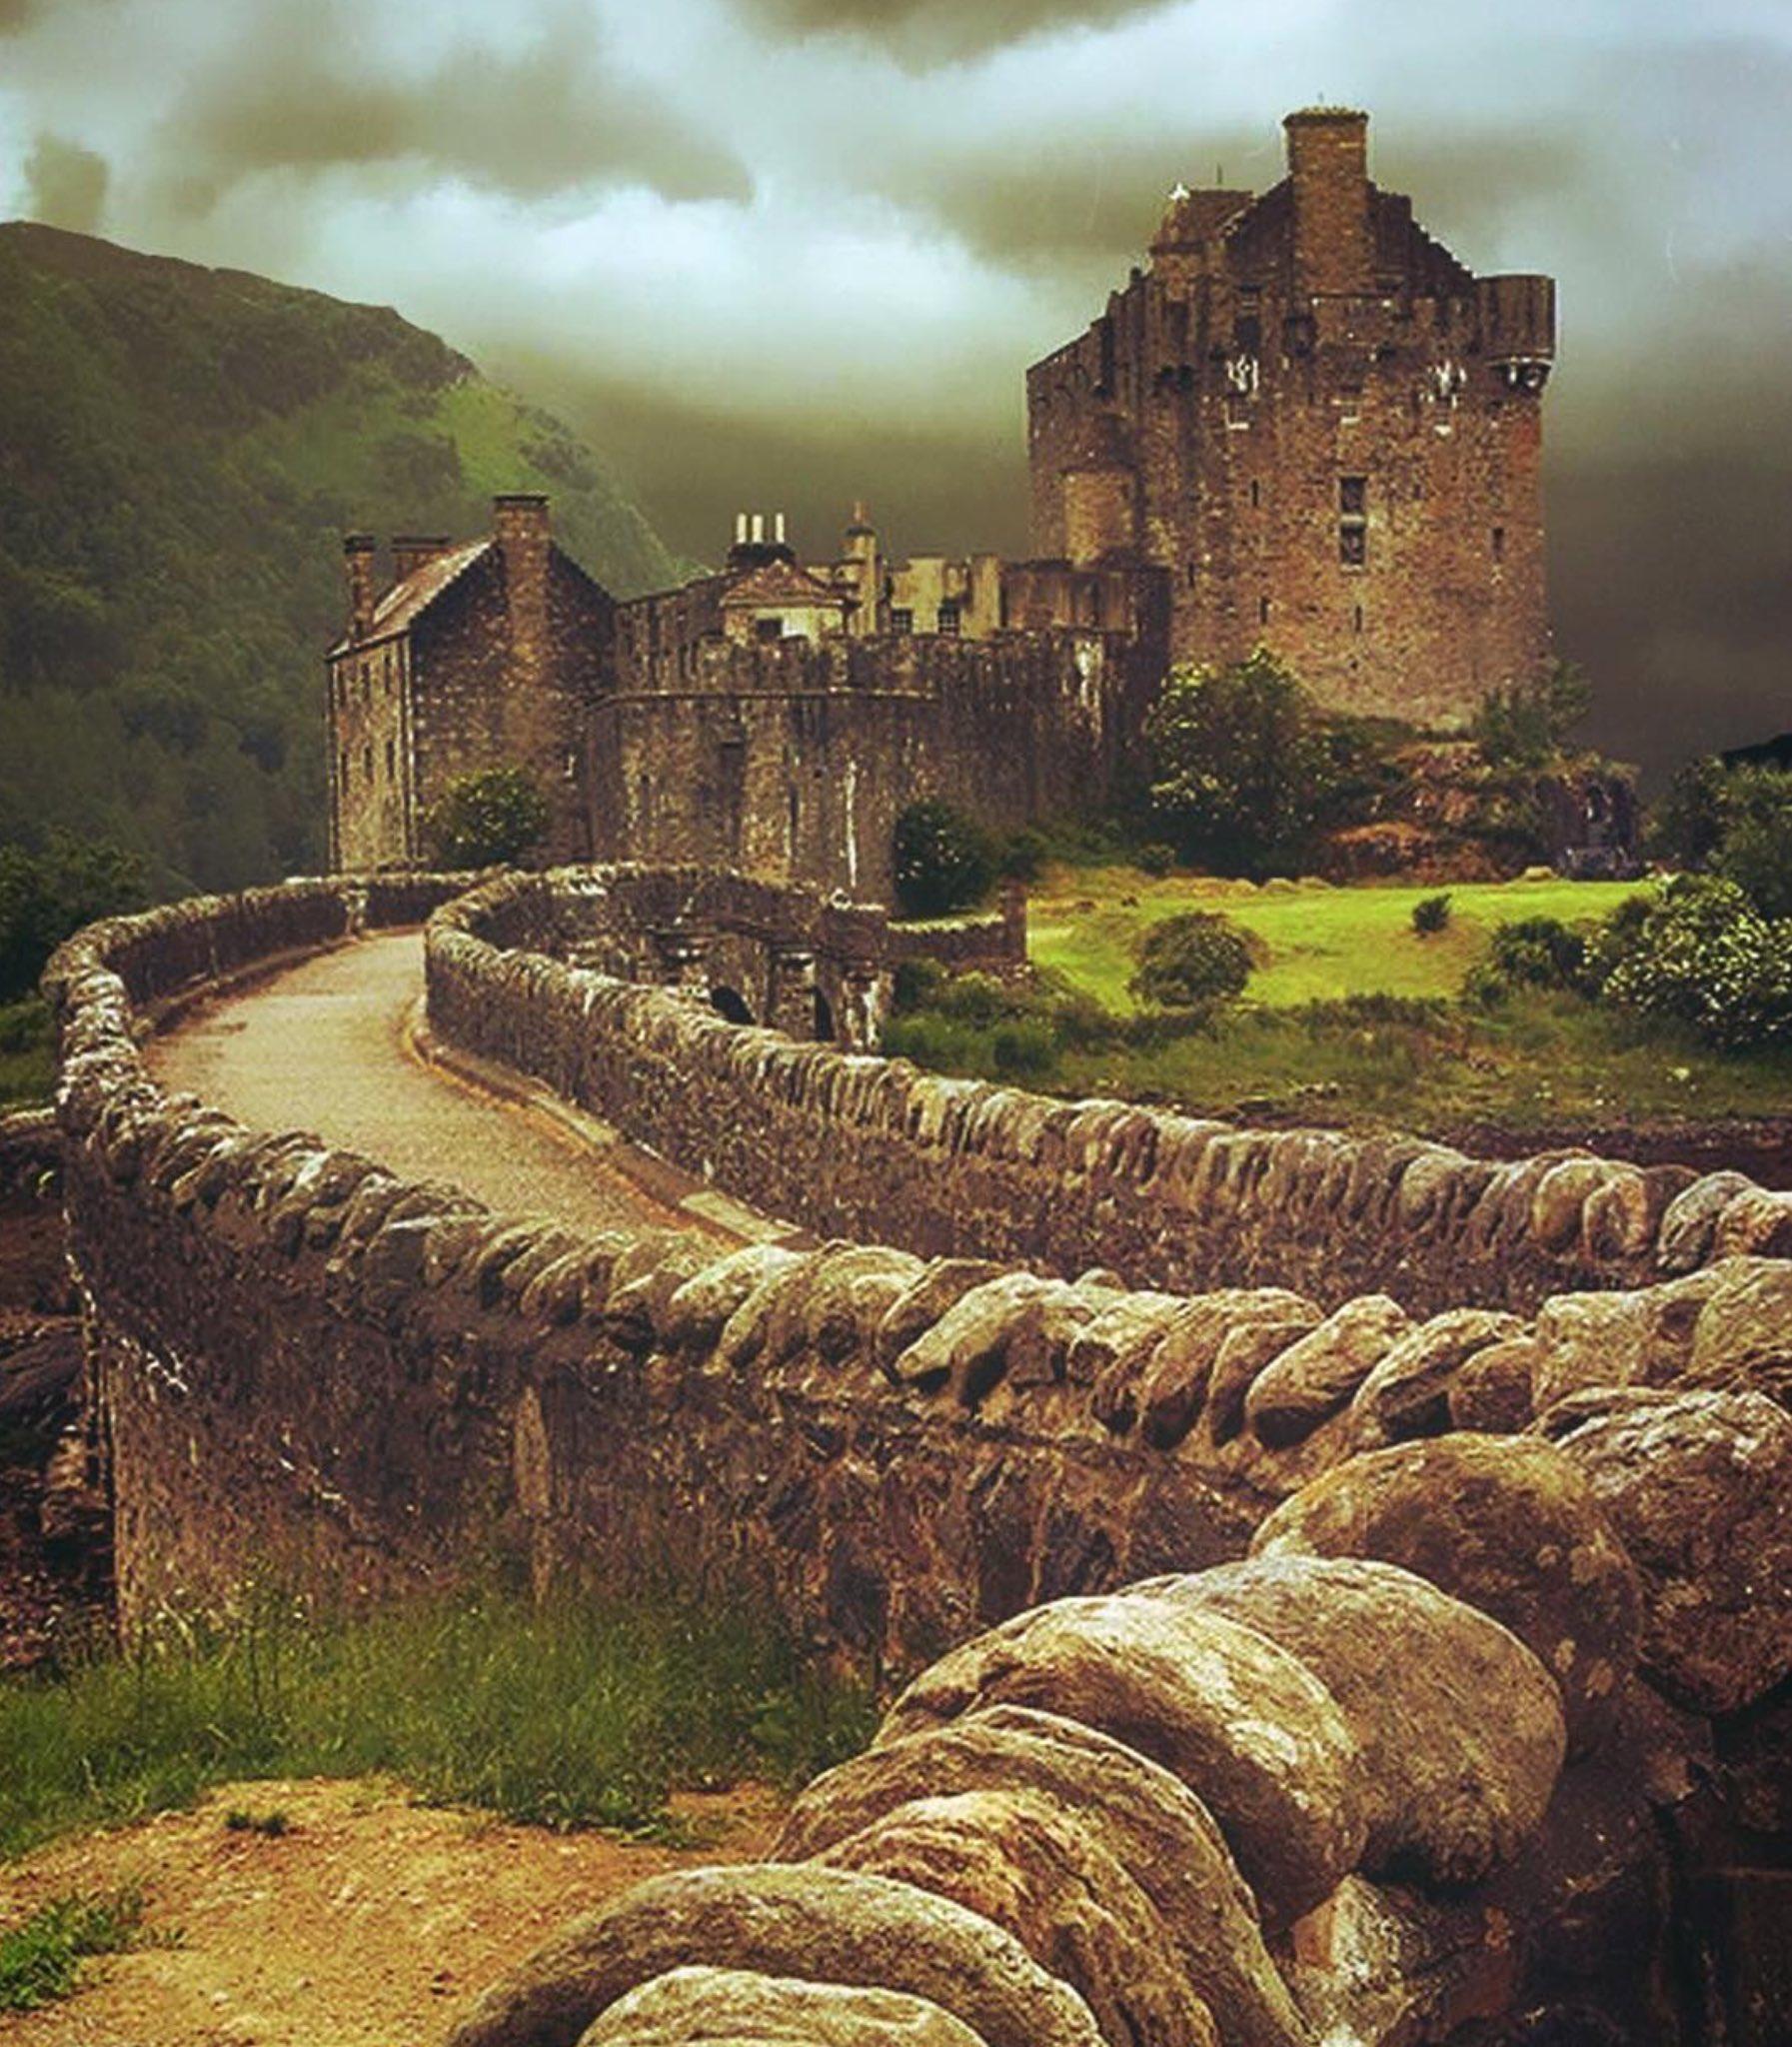 Фотографии древних рыцарских замков в горах